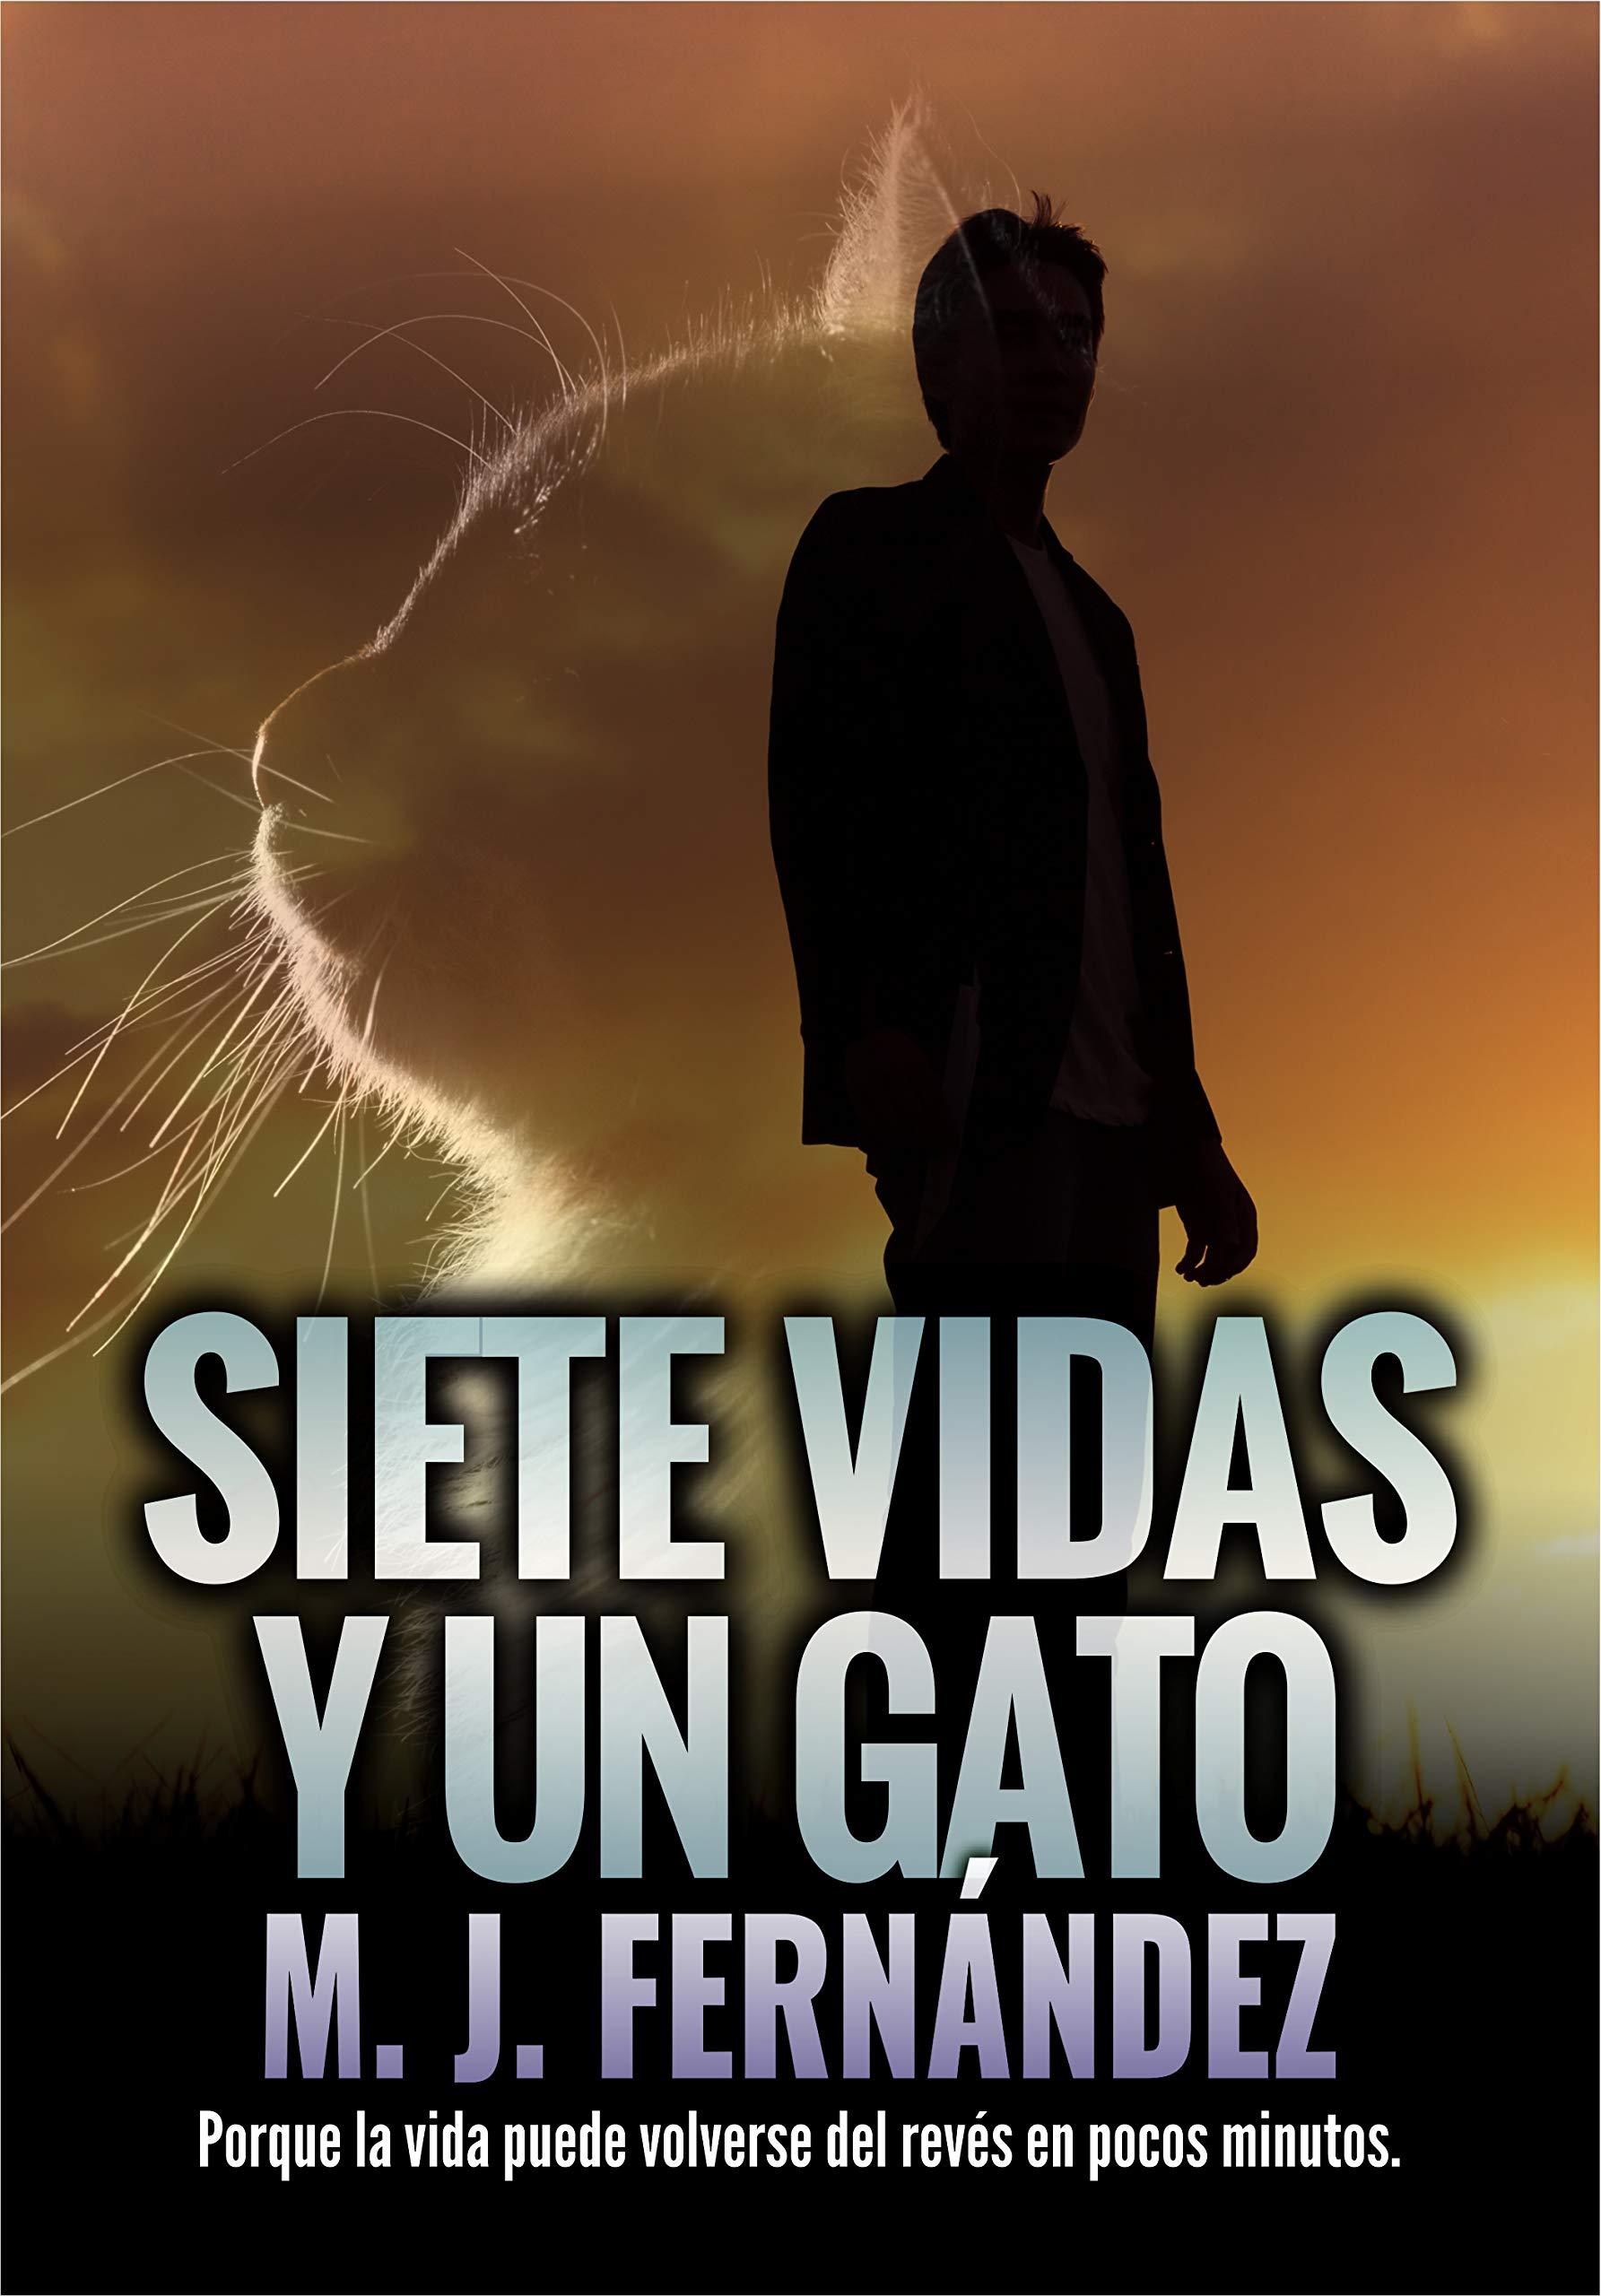 Siete vidas y un gato: (Inspector Salazar 07) Novela negra y policíaca por M.J. Fernández